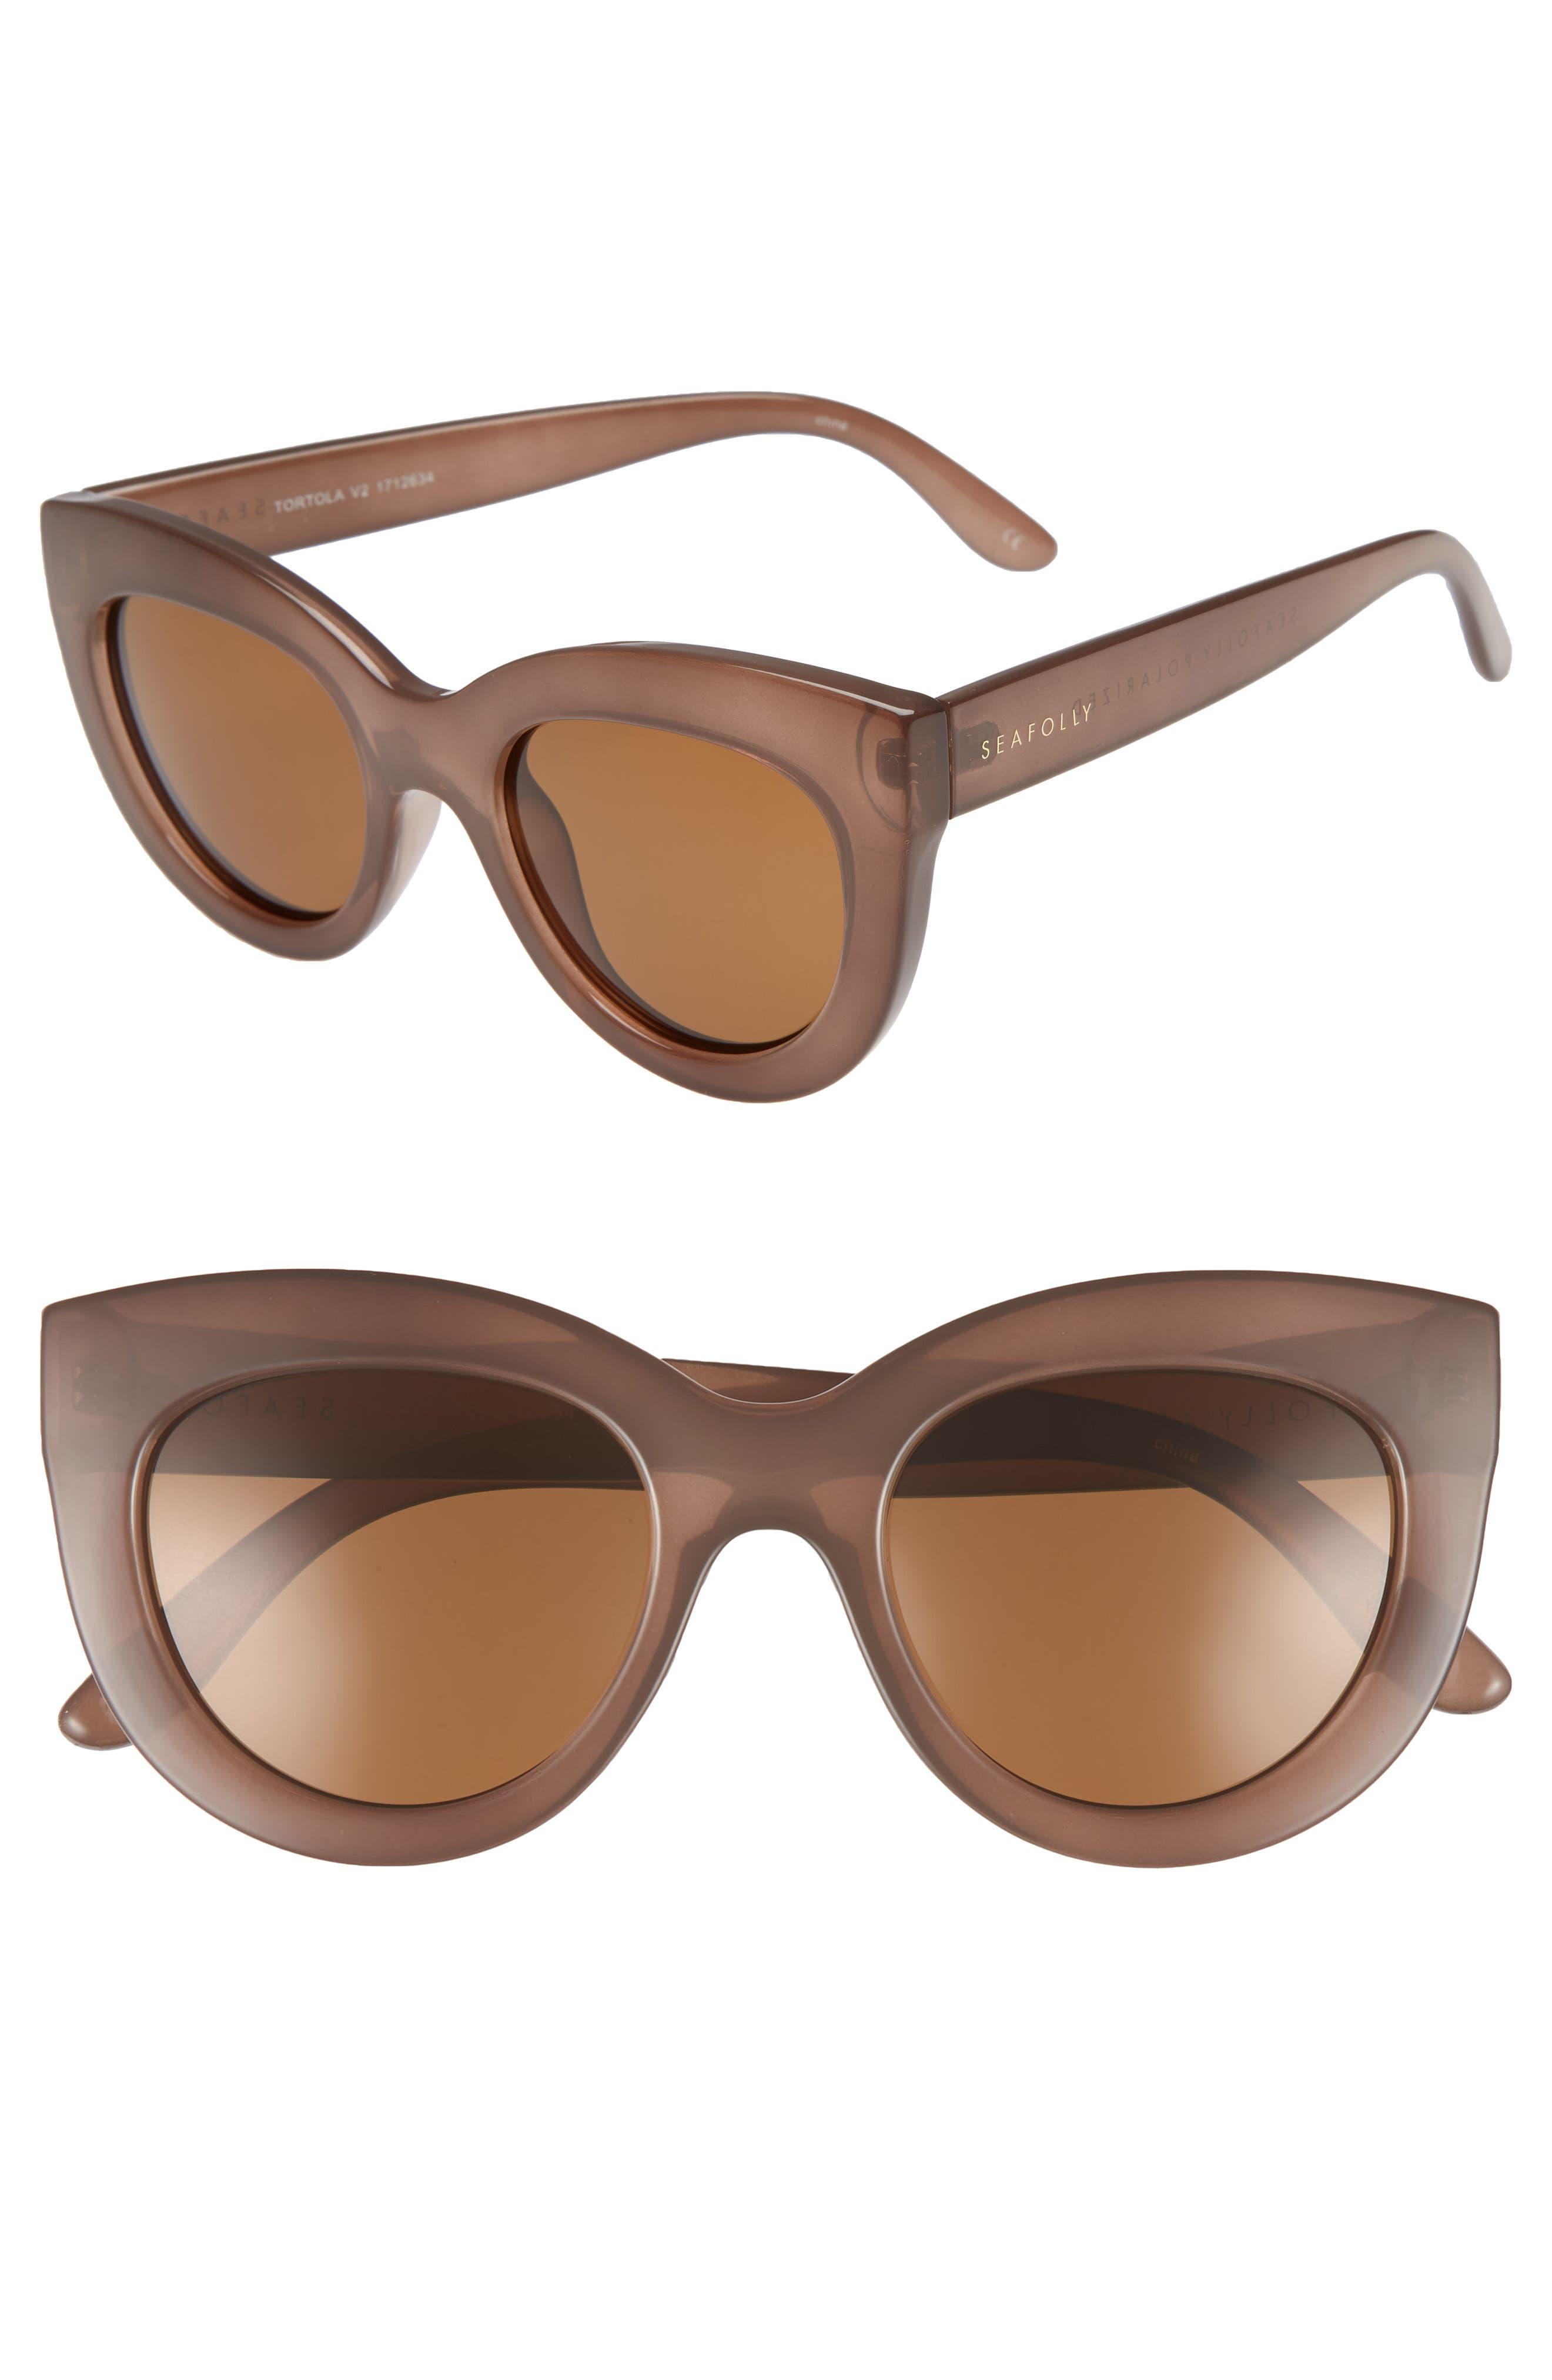 Tortola V2 51mm Polarized Cat Eye Sunglasses,                             Main thumbnail 1, color,                             200